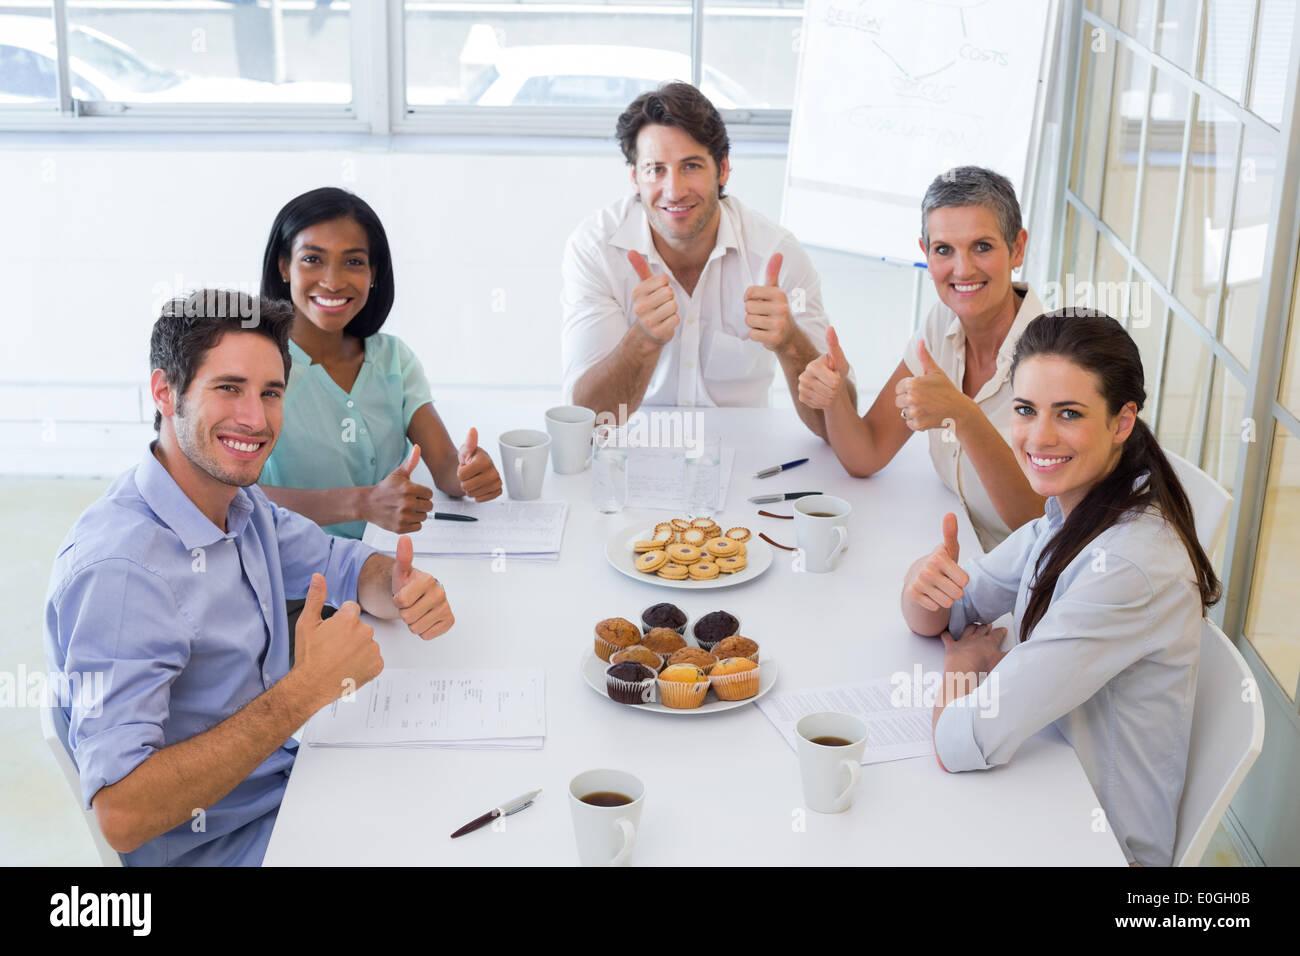 Business-Leute Essen Muffins geben Daumen hoch für Kamera Stockbild